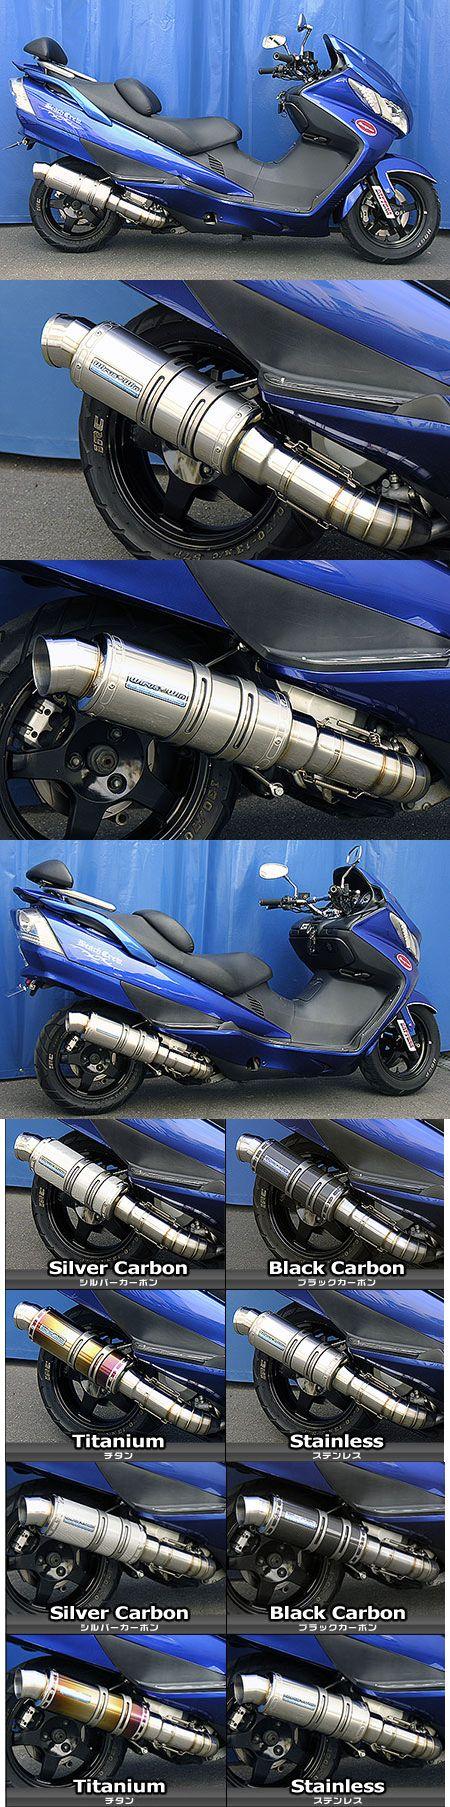 【WirusWin】Premium全段排氣管 不鏽鋼款式 附觸媒 (排氣淨化觸媒) - 「Webike-摩托百貨」